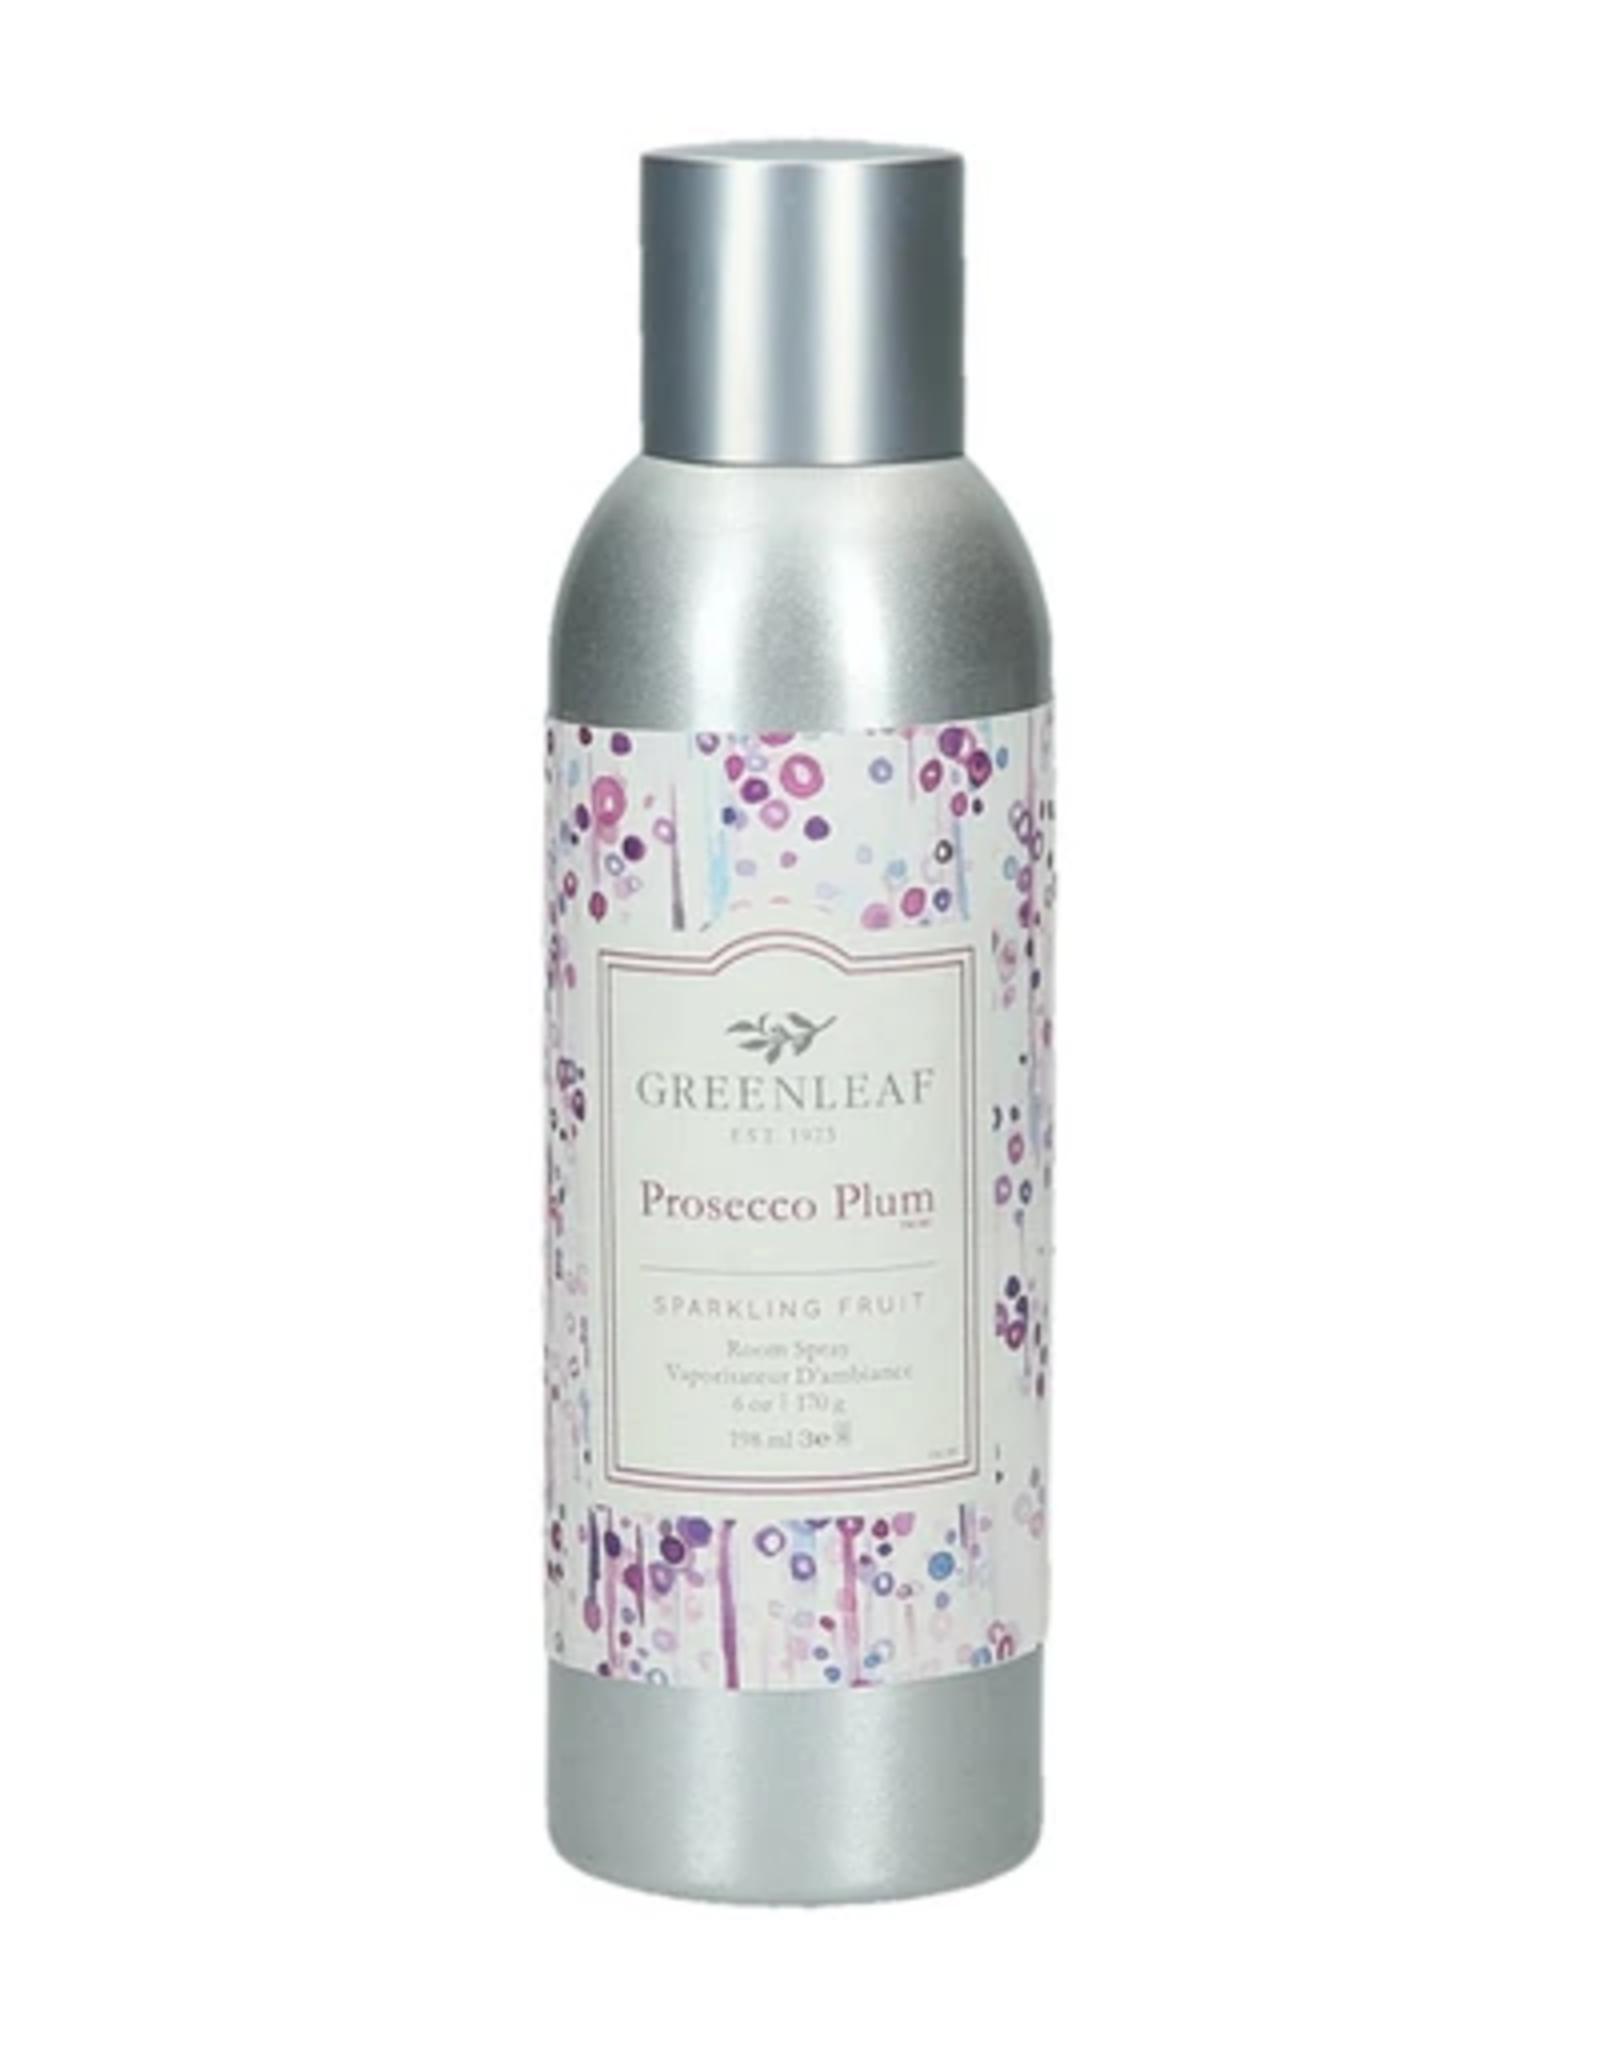 Greenleaf Room Spray, Prosecco Plum